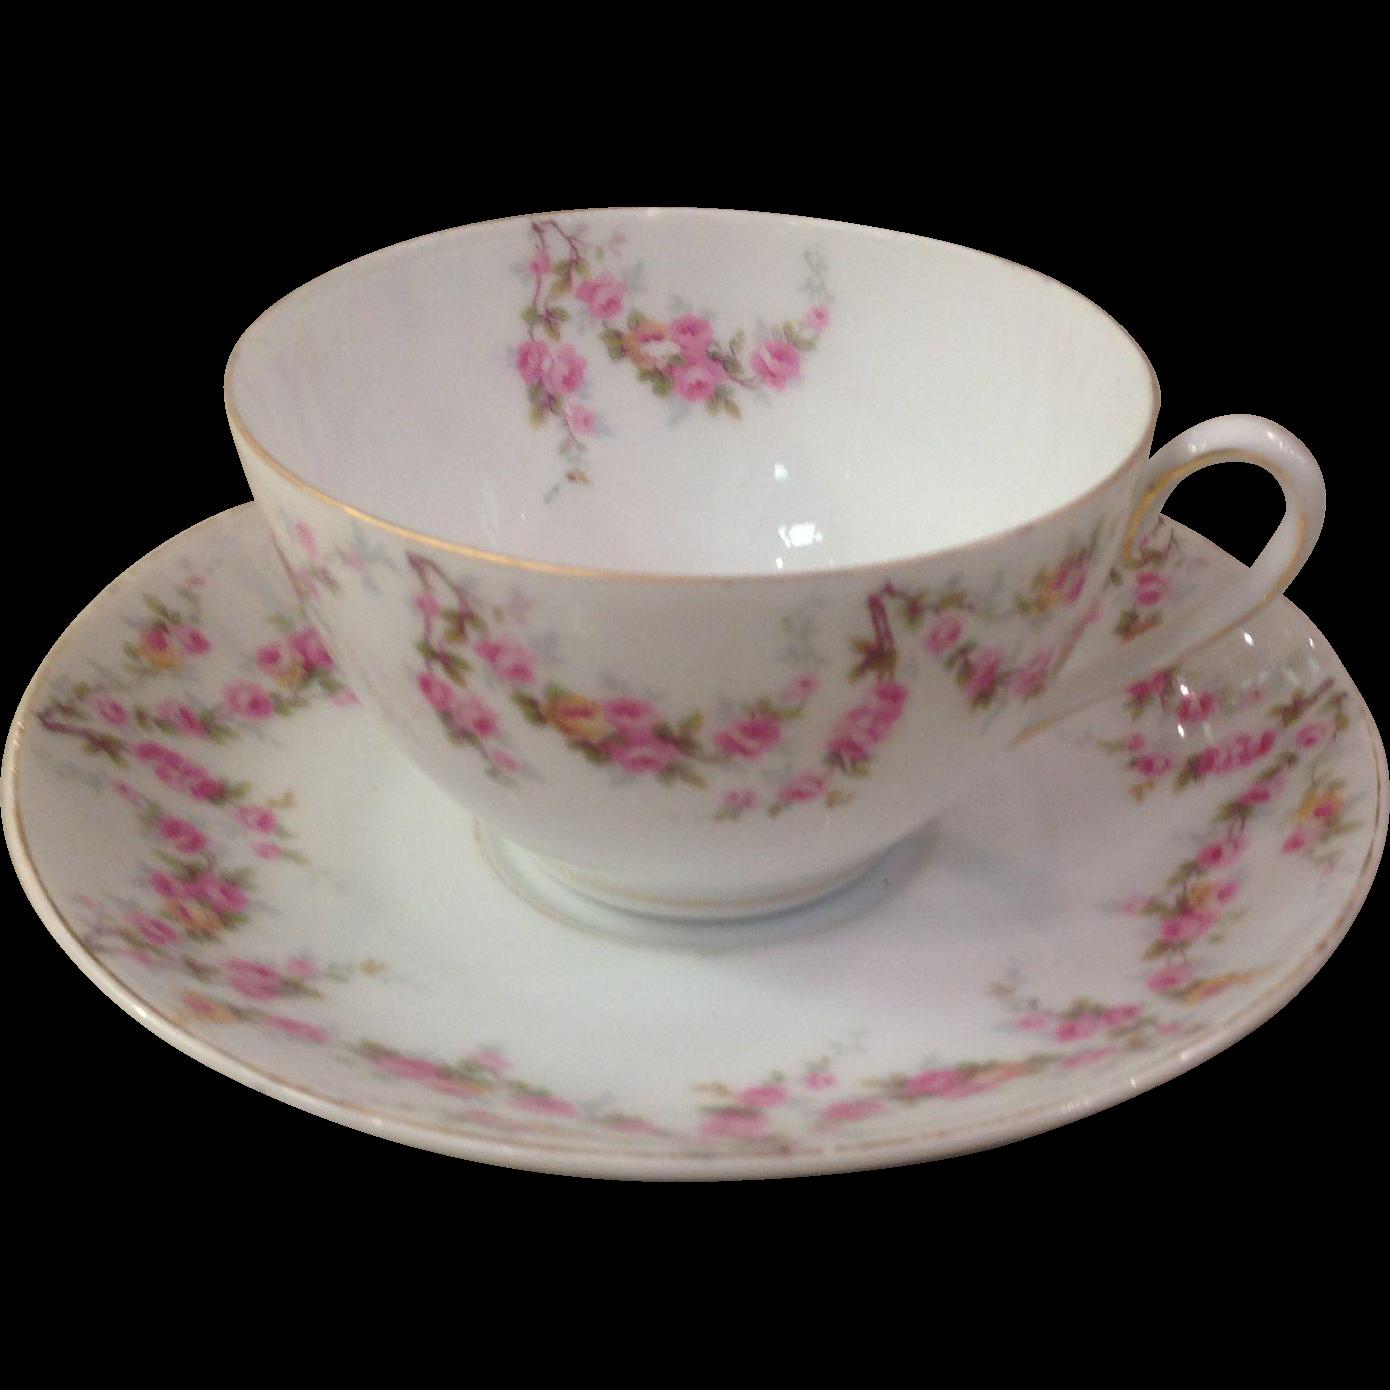 Royal Schwarzburg China RSC15 Tea Cup & Saucer Pink Rose Garland Design c.1915